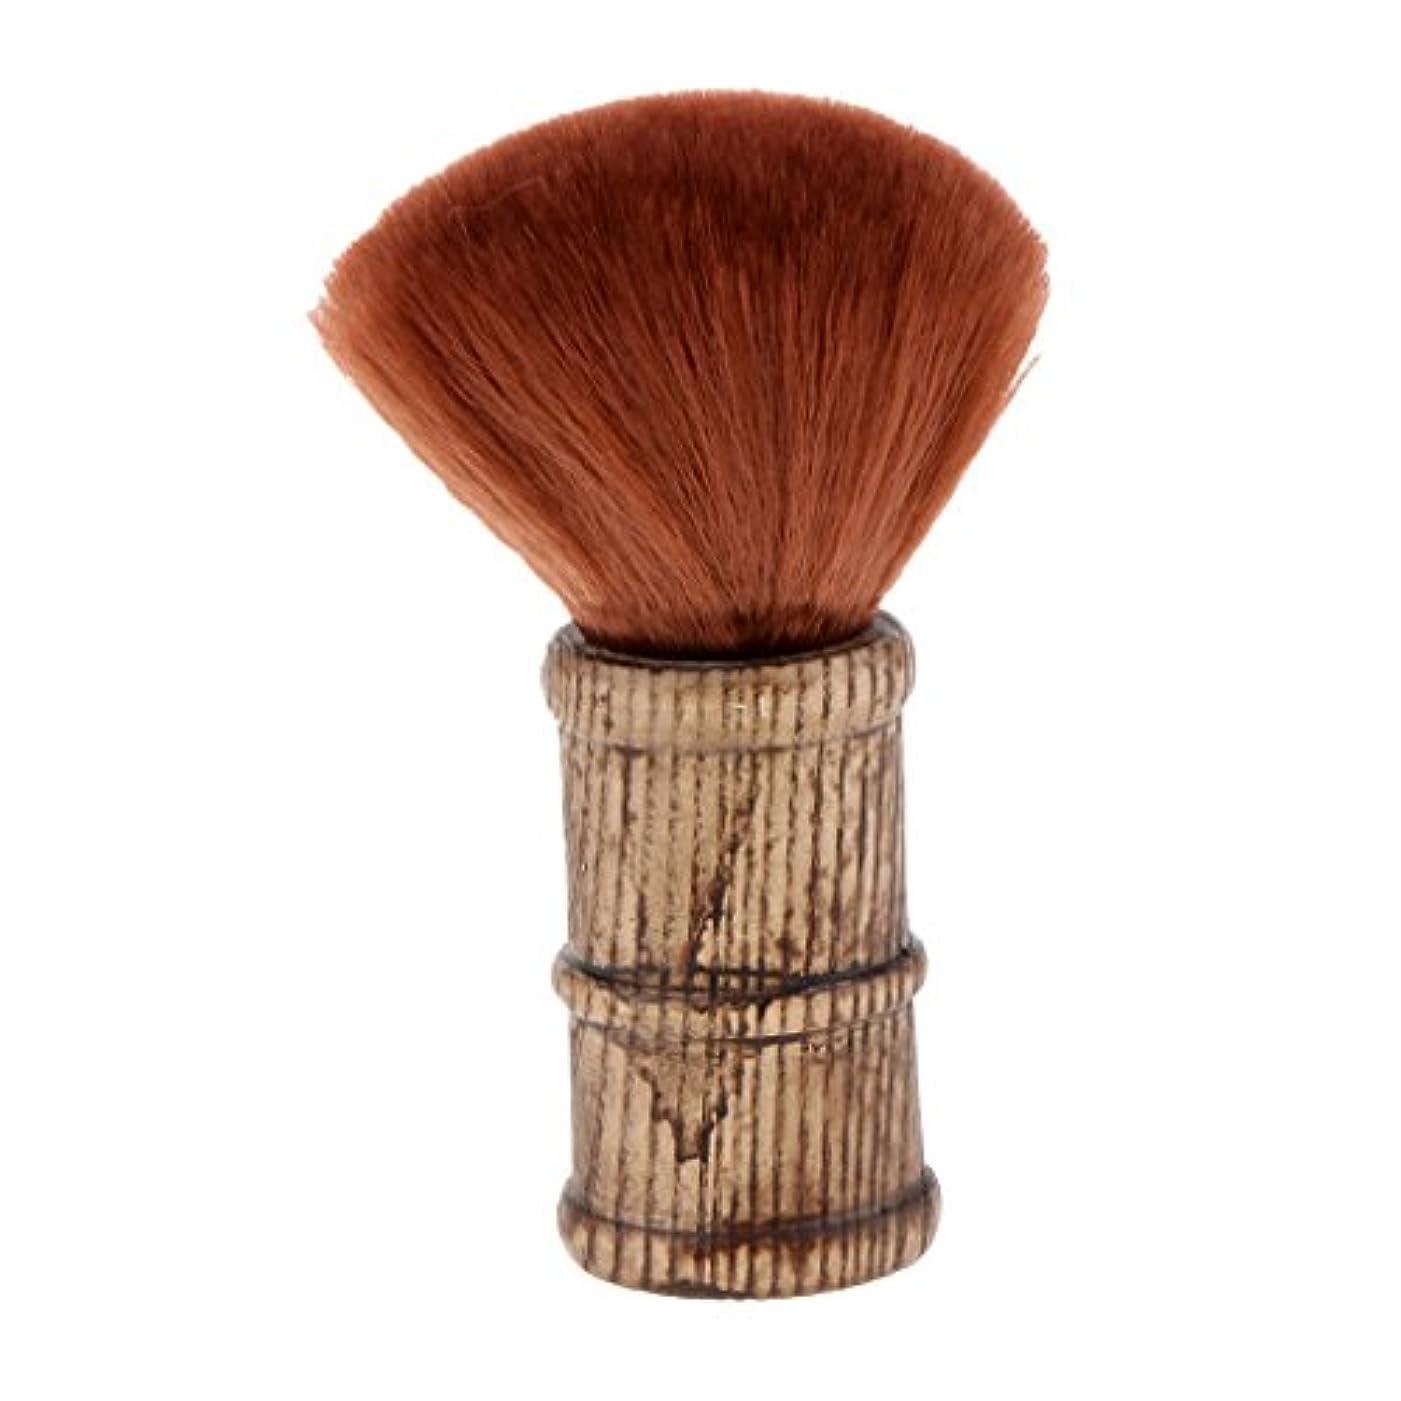 ハイキング失礼なプロフェッショナルネックダスターブラシ ヘアカットブラシ 理髪師 サロン スーパーソフト メイクアップ 2色選べる - 褐色